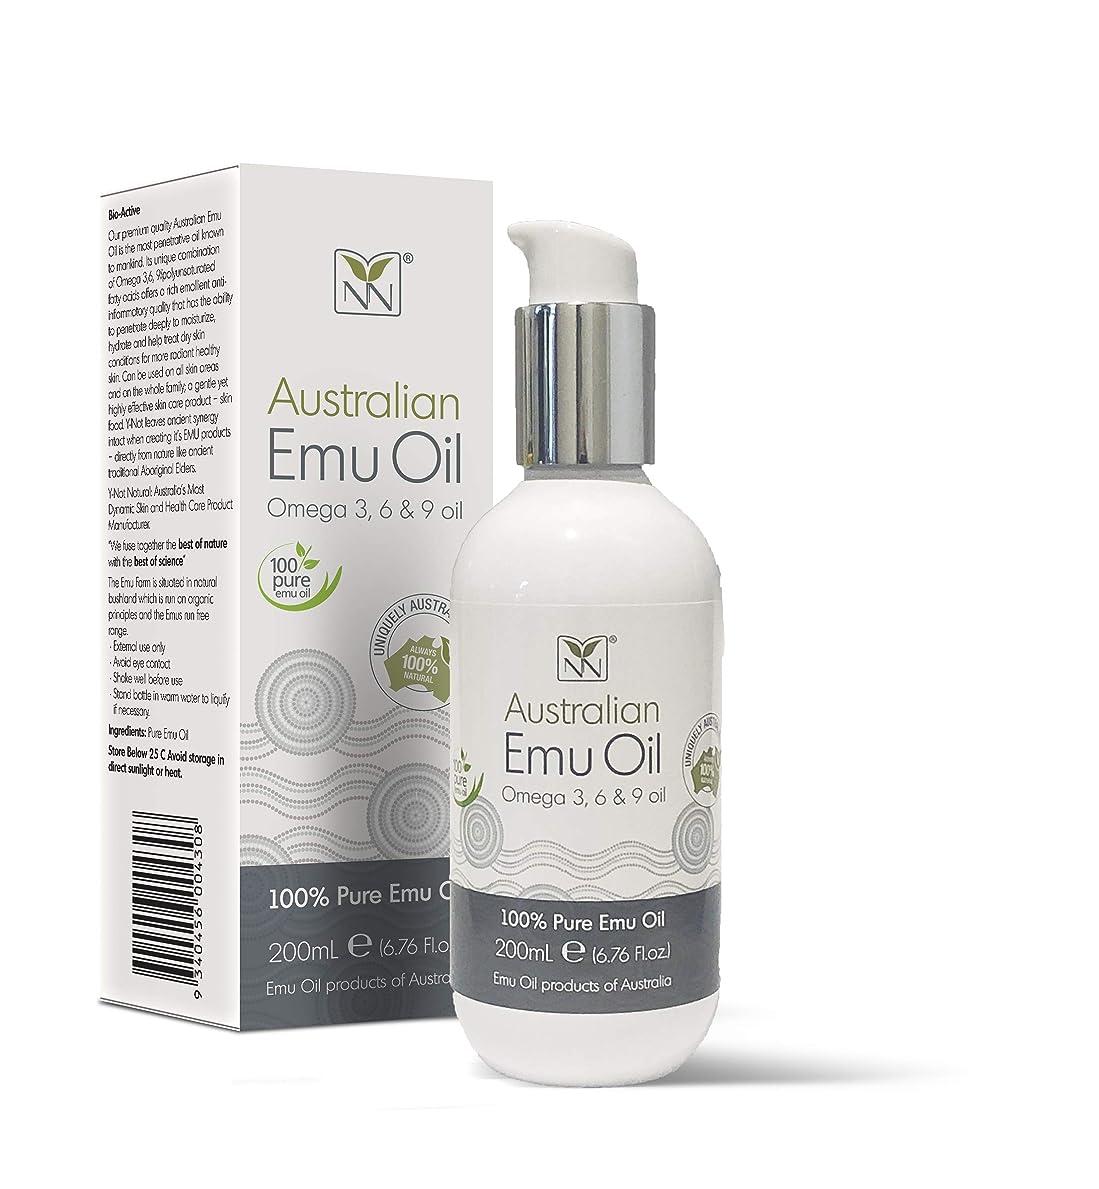 一人でマダム背景Y Not Natural エミューオイル EMU OIL 無添加100% 保湿性 浸透性 抜群 プレミアム品質 エミュー油 (200 ml)